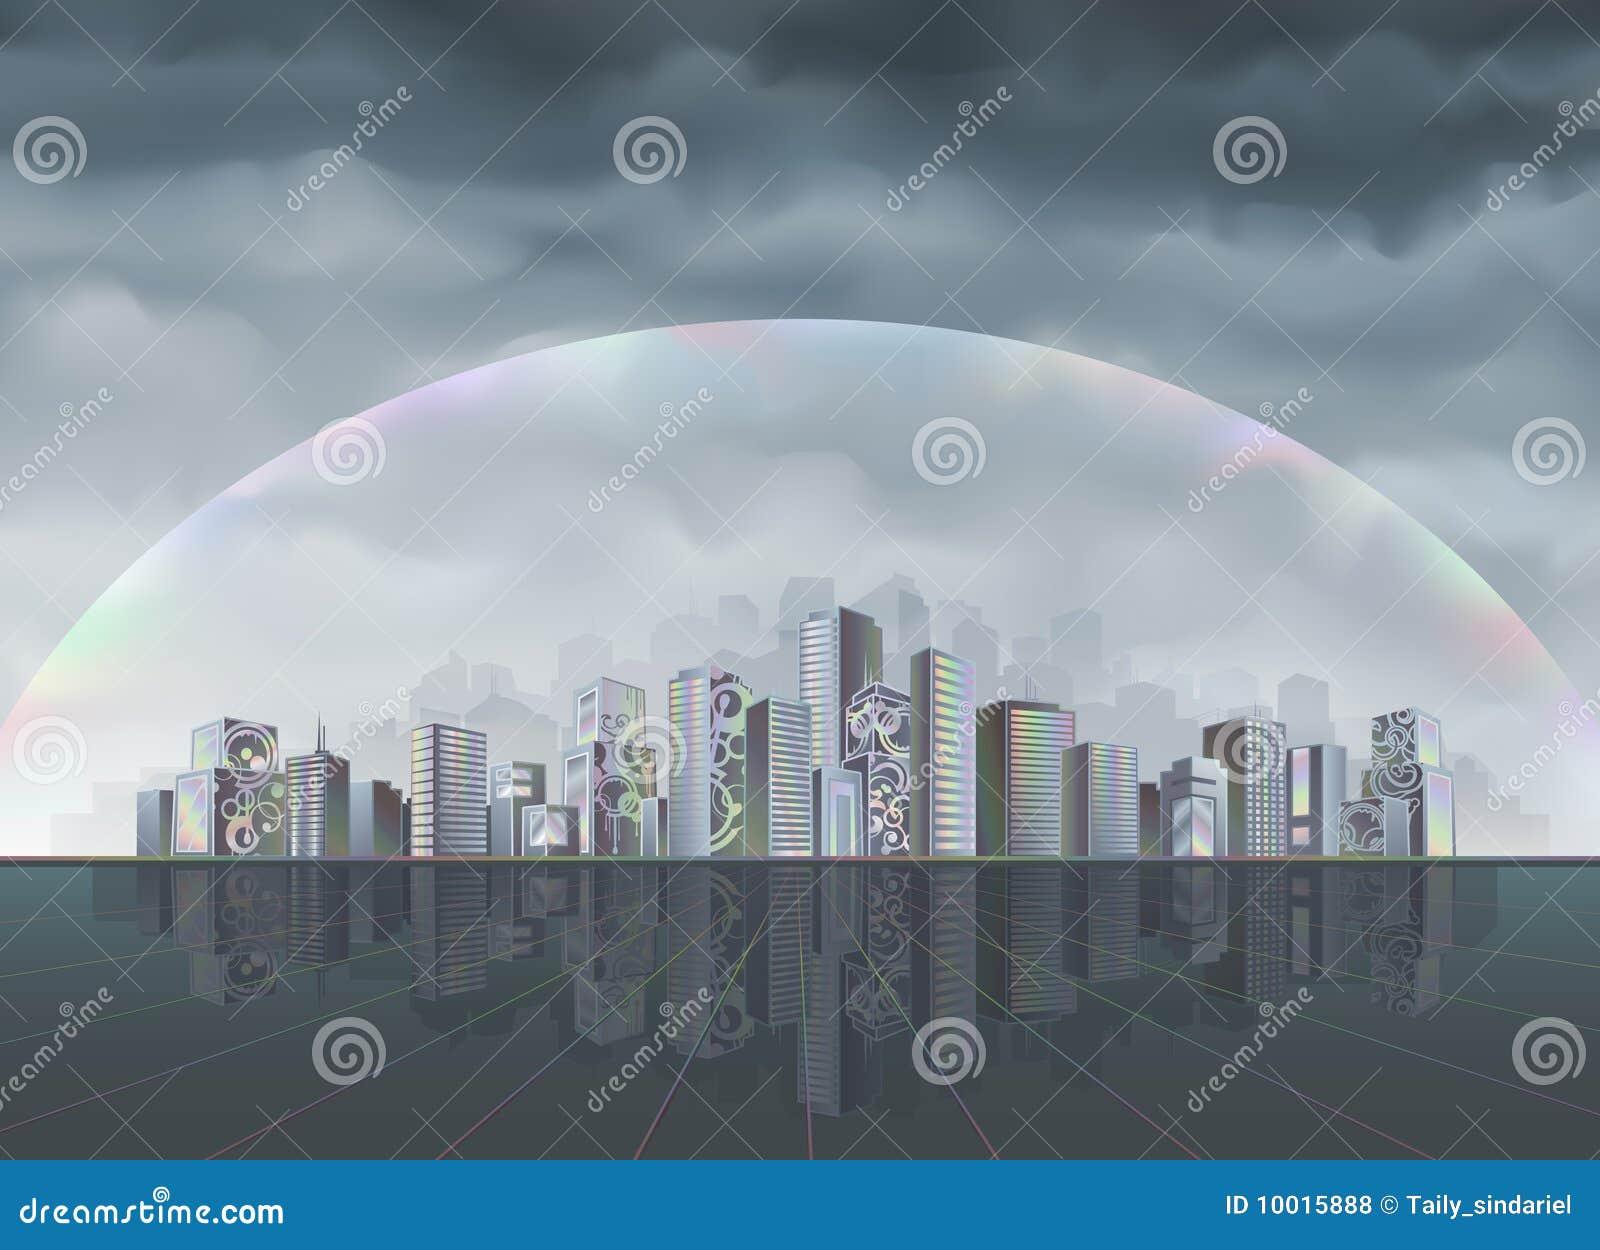 Miasto tęcza